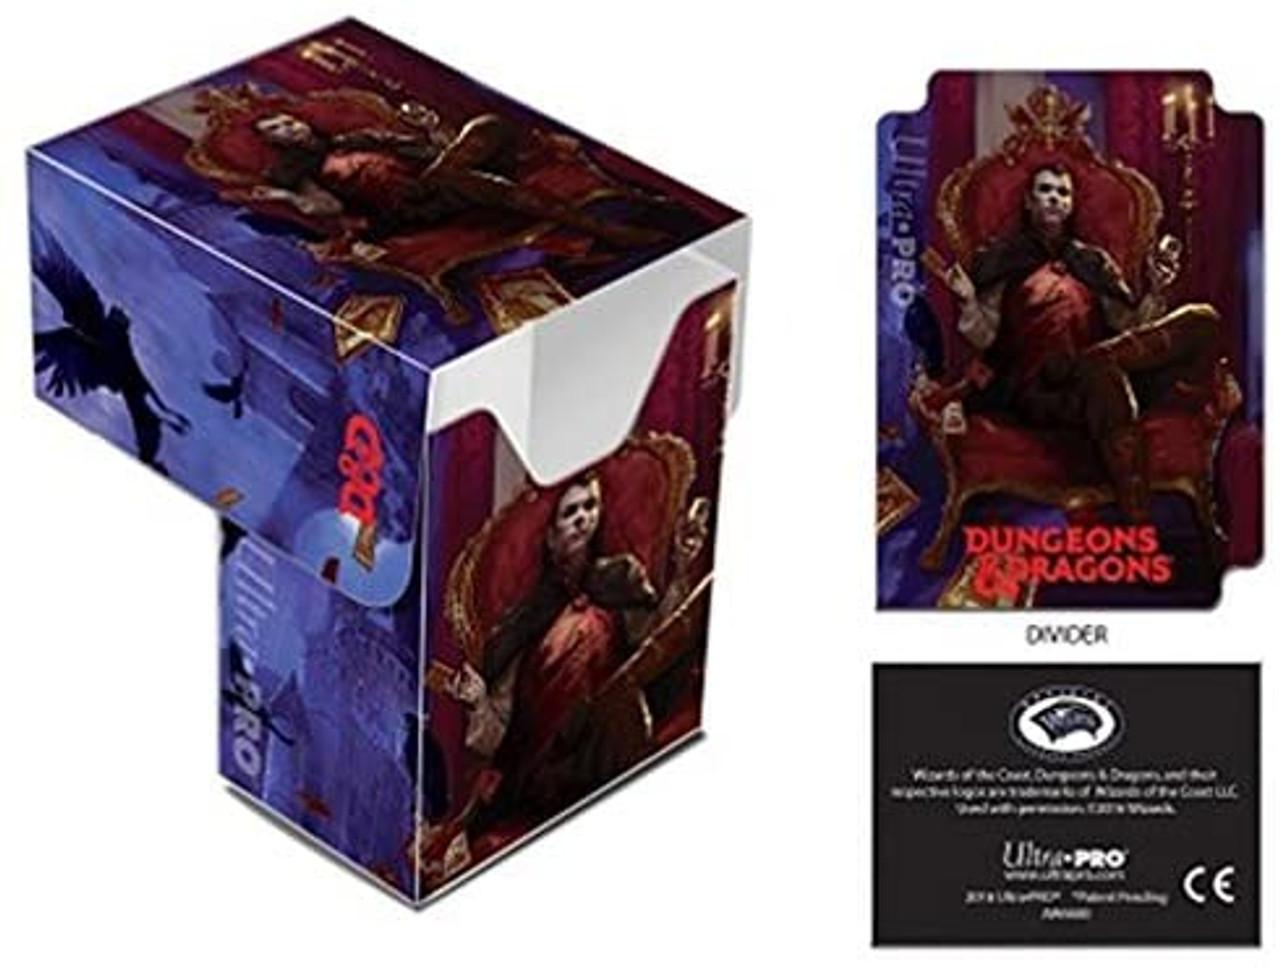 Deck Box - Dungeons & Dragons - Count Strahd von Zarovich - Special Order